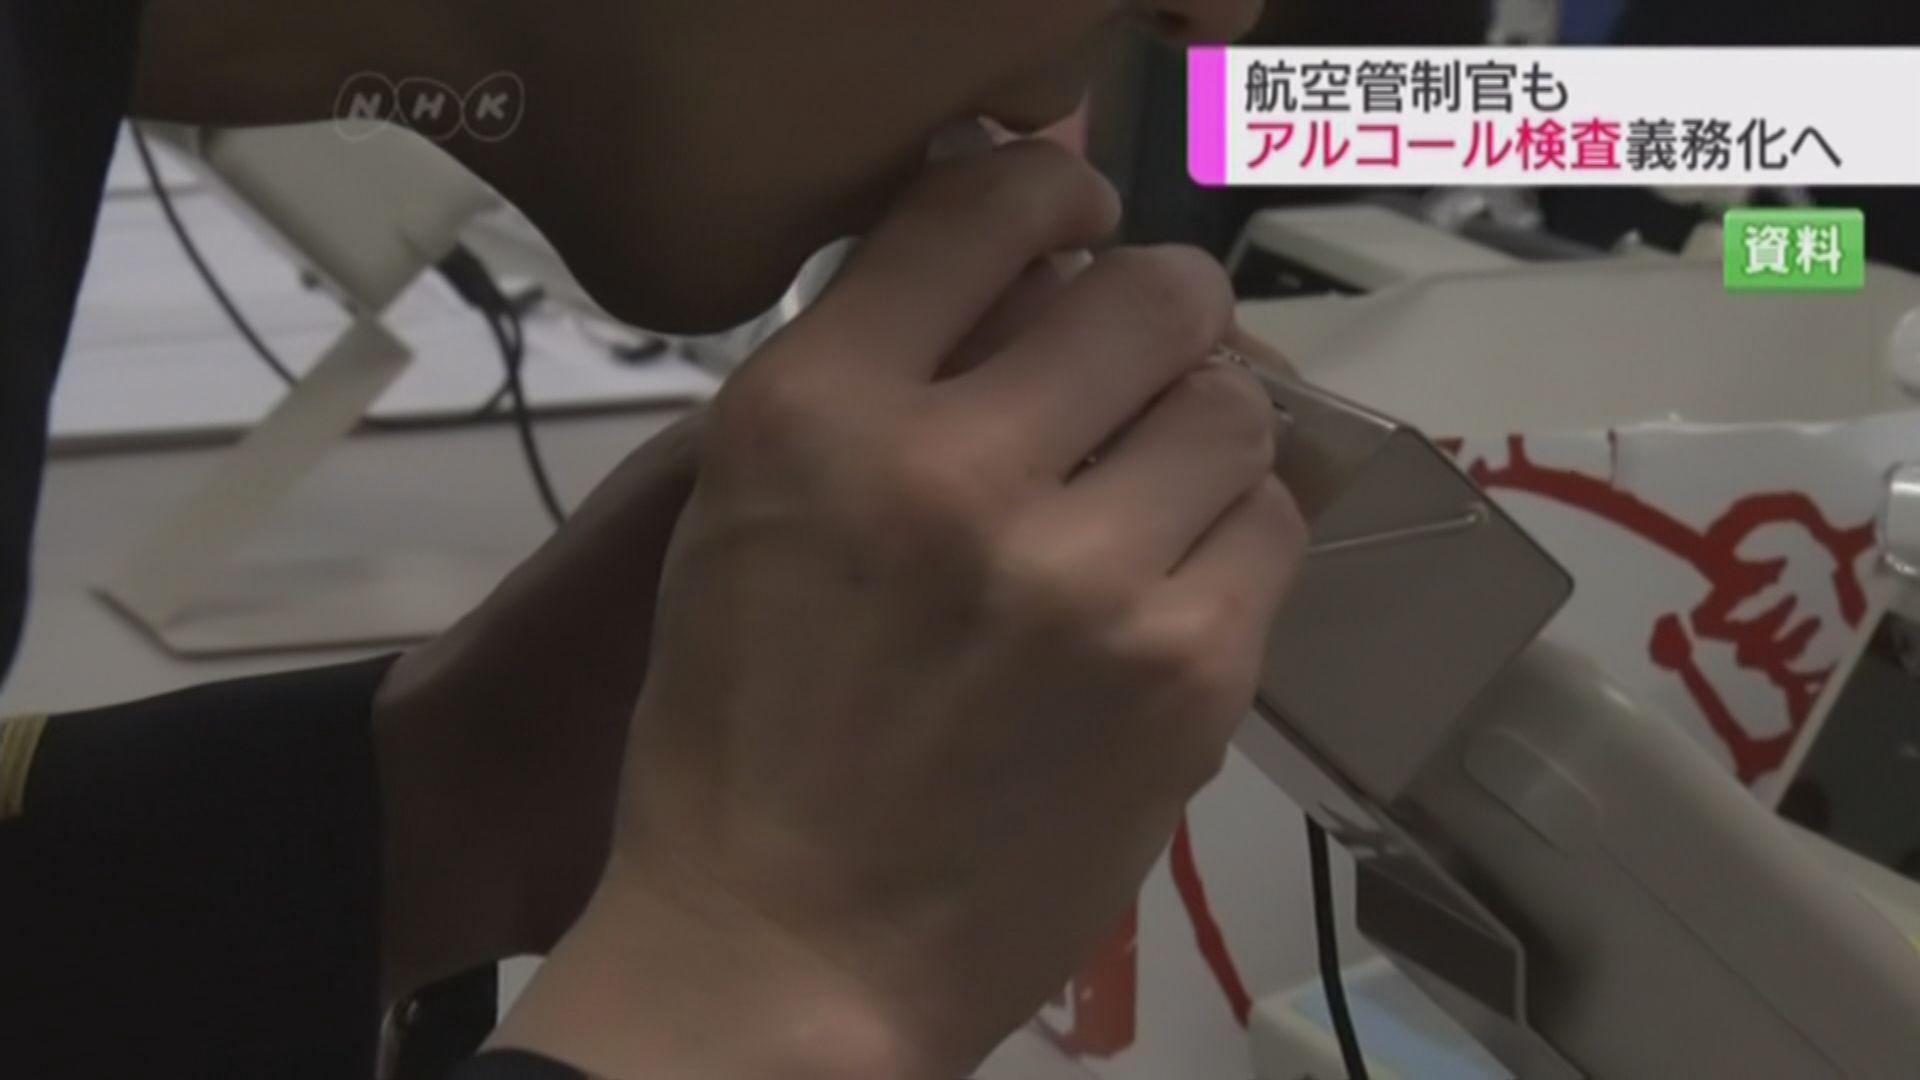 日本擬強制航空交通管制員進行酒精測試